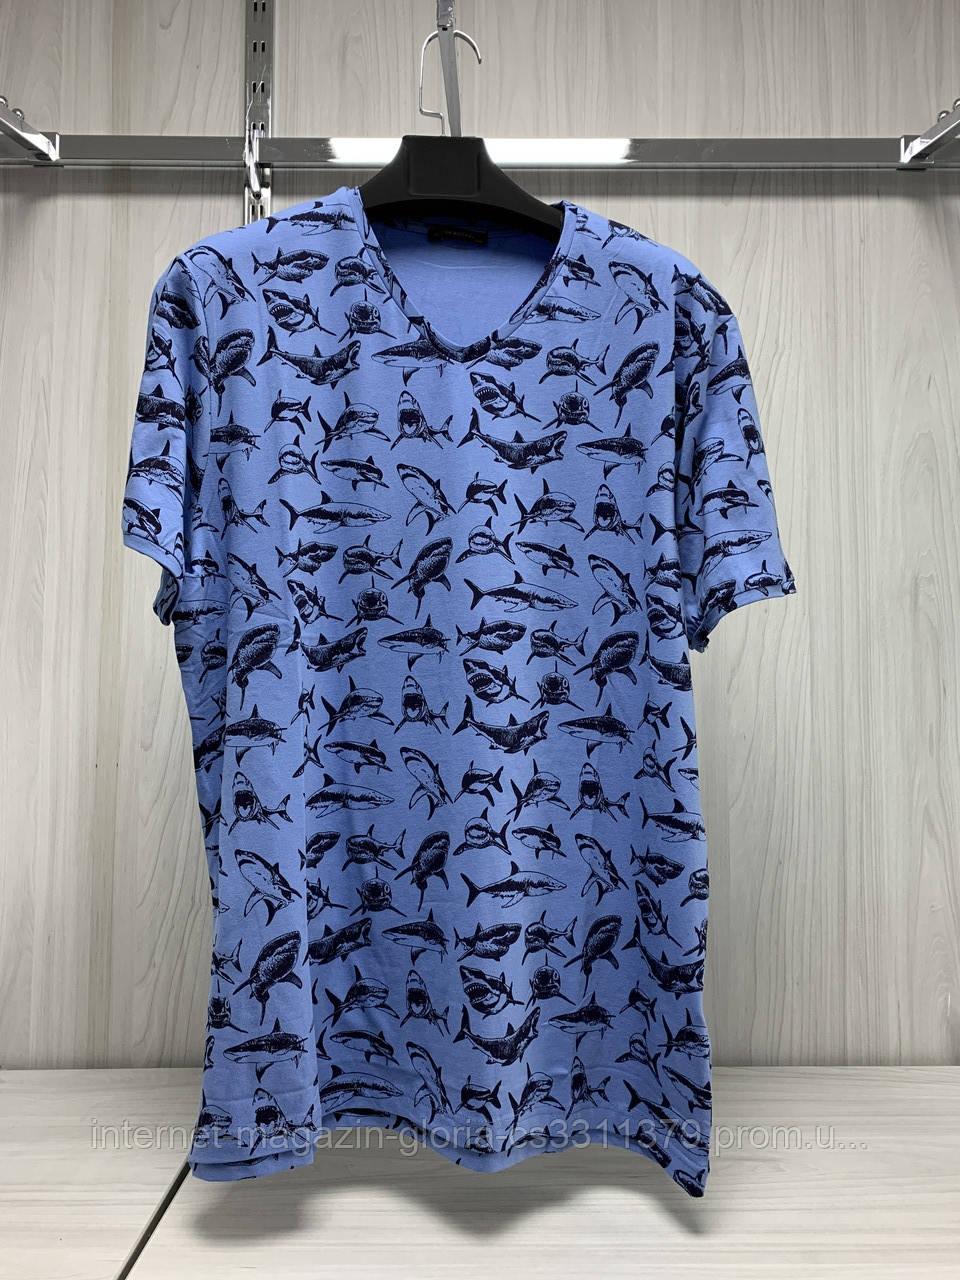 Мужская футболка Tony Montana. MSL-2072(mavi). Размеры: M,L,XL,XXL.